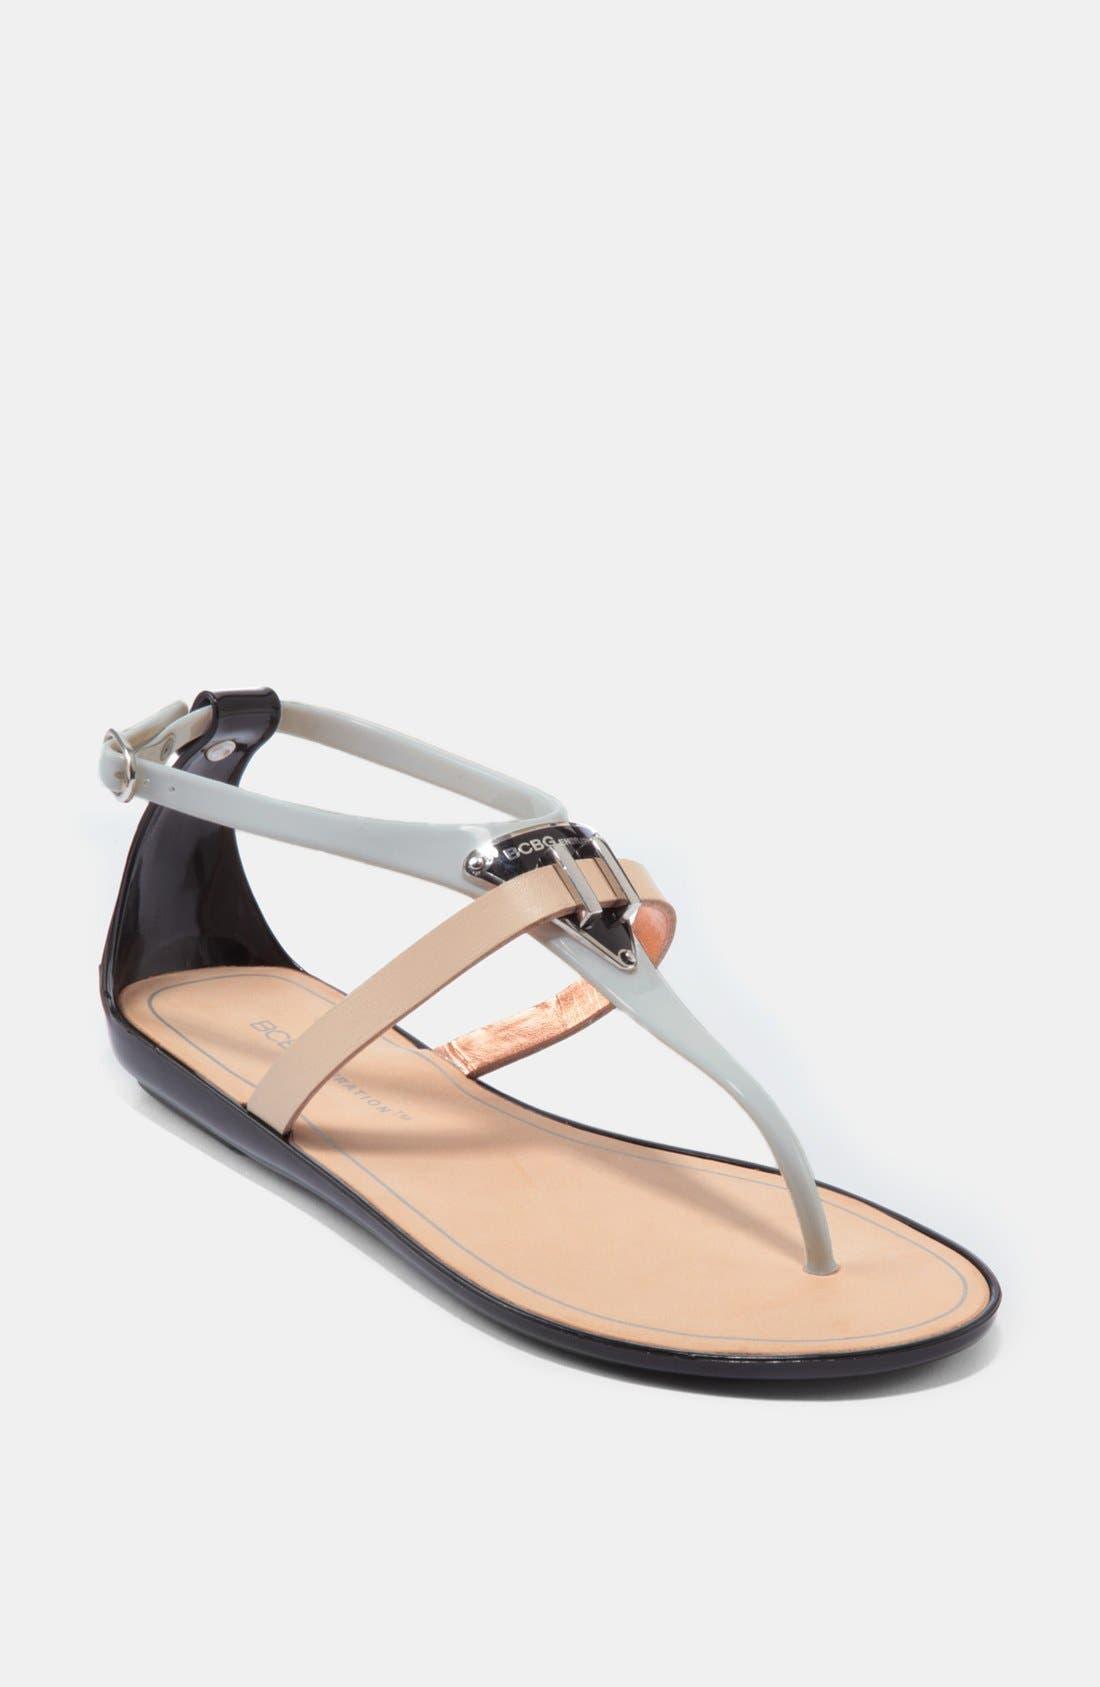 Main Image - BCBGeneration 'Calanthia' Sandal